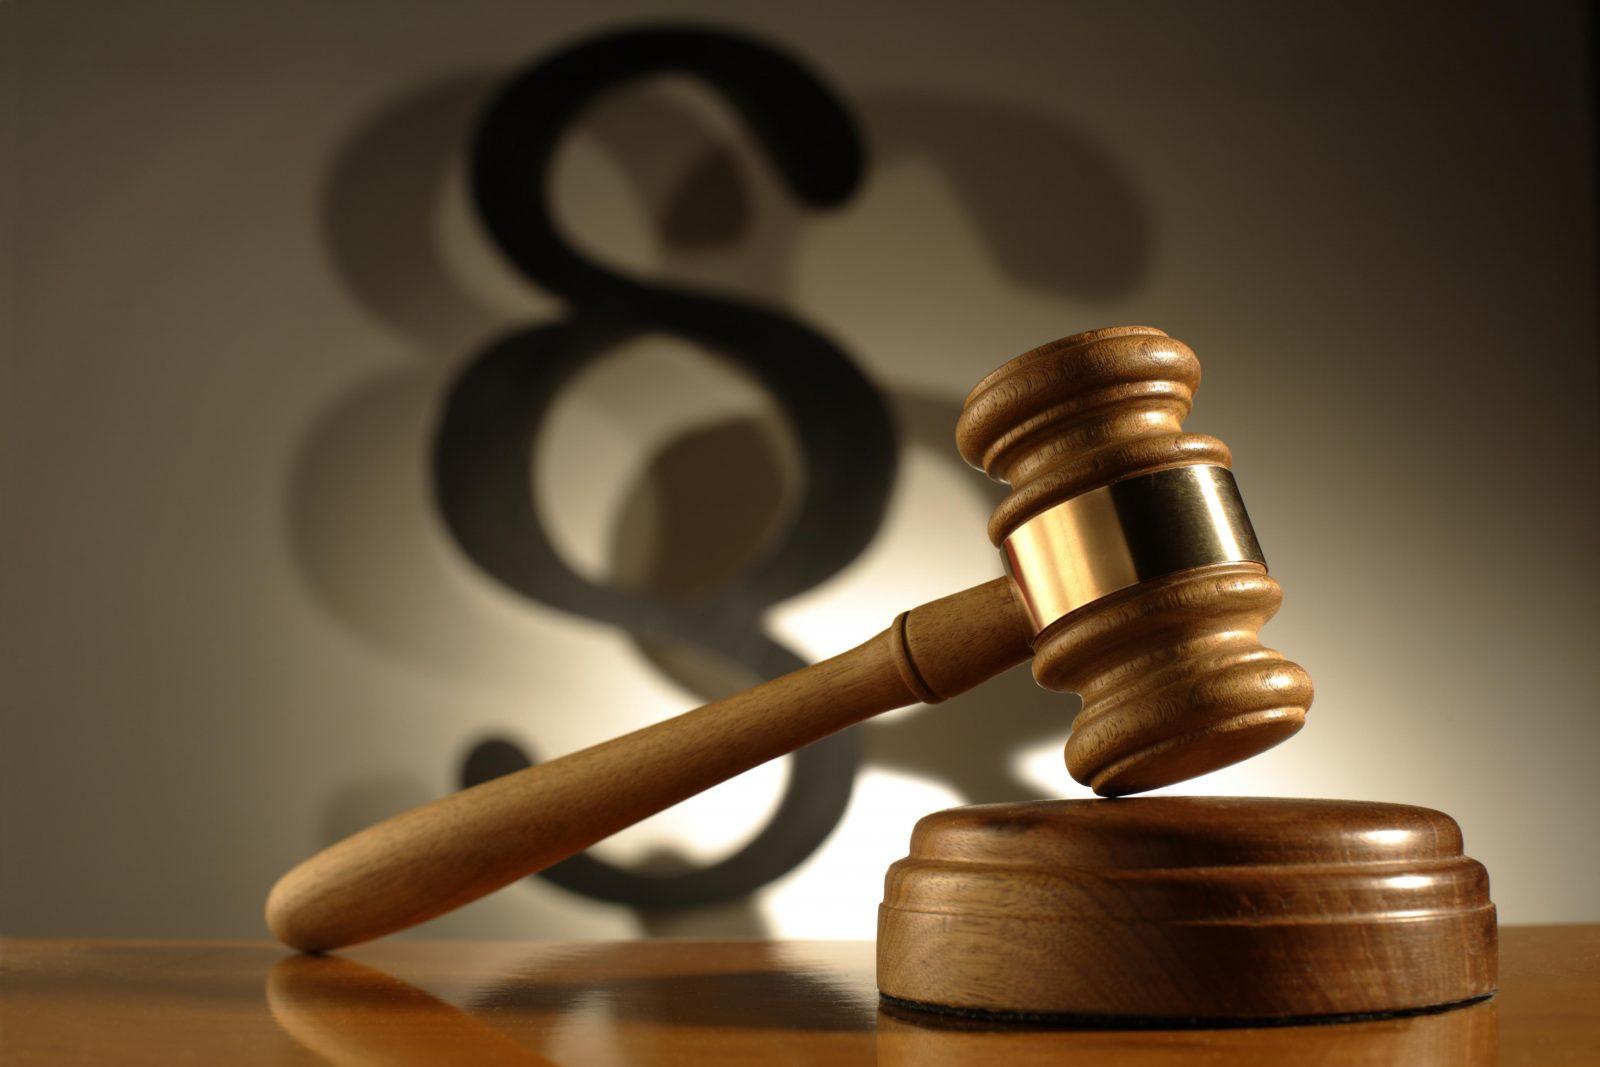 Das Gericht verhängte gegen den Asylbewerber eine Bewährungsstrafe (Symbolbild) Foto: picture alliance/imageBROKER